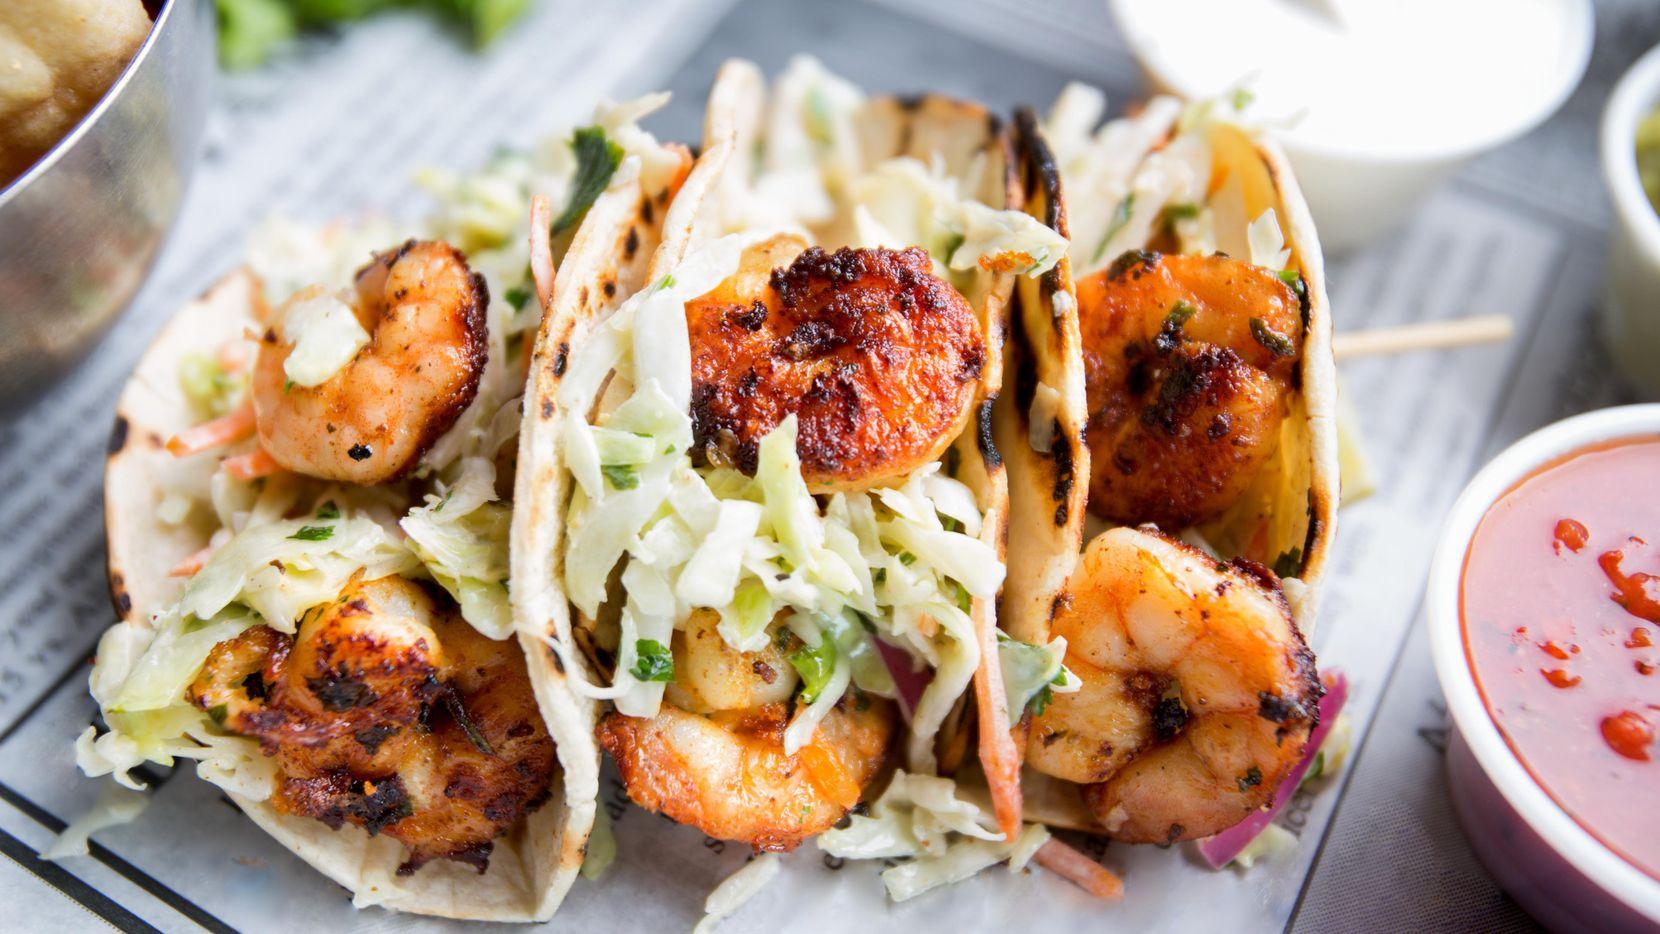 Tacos de camarón con ensalada de repollo.(GETTY IMAGES)